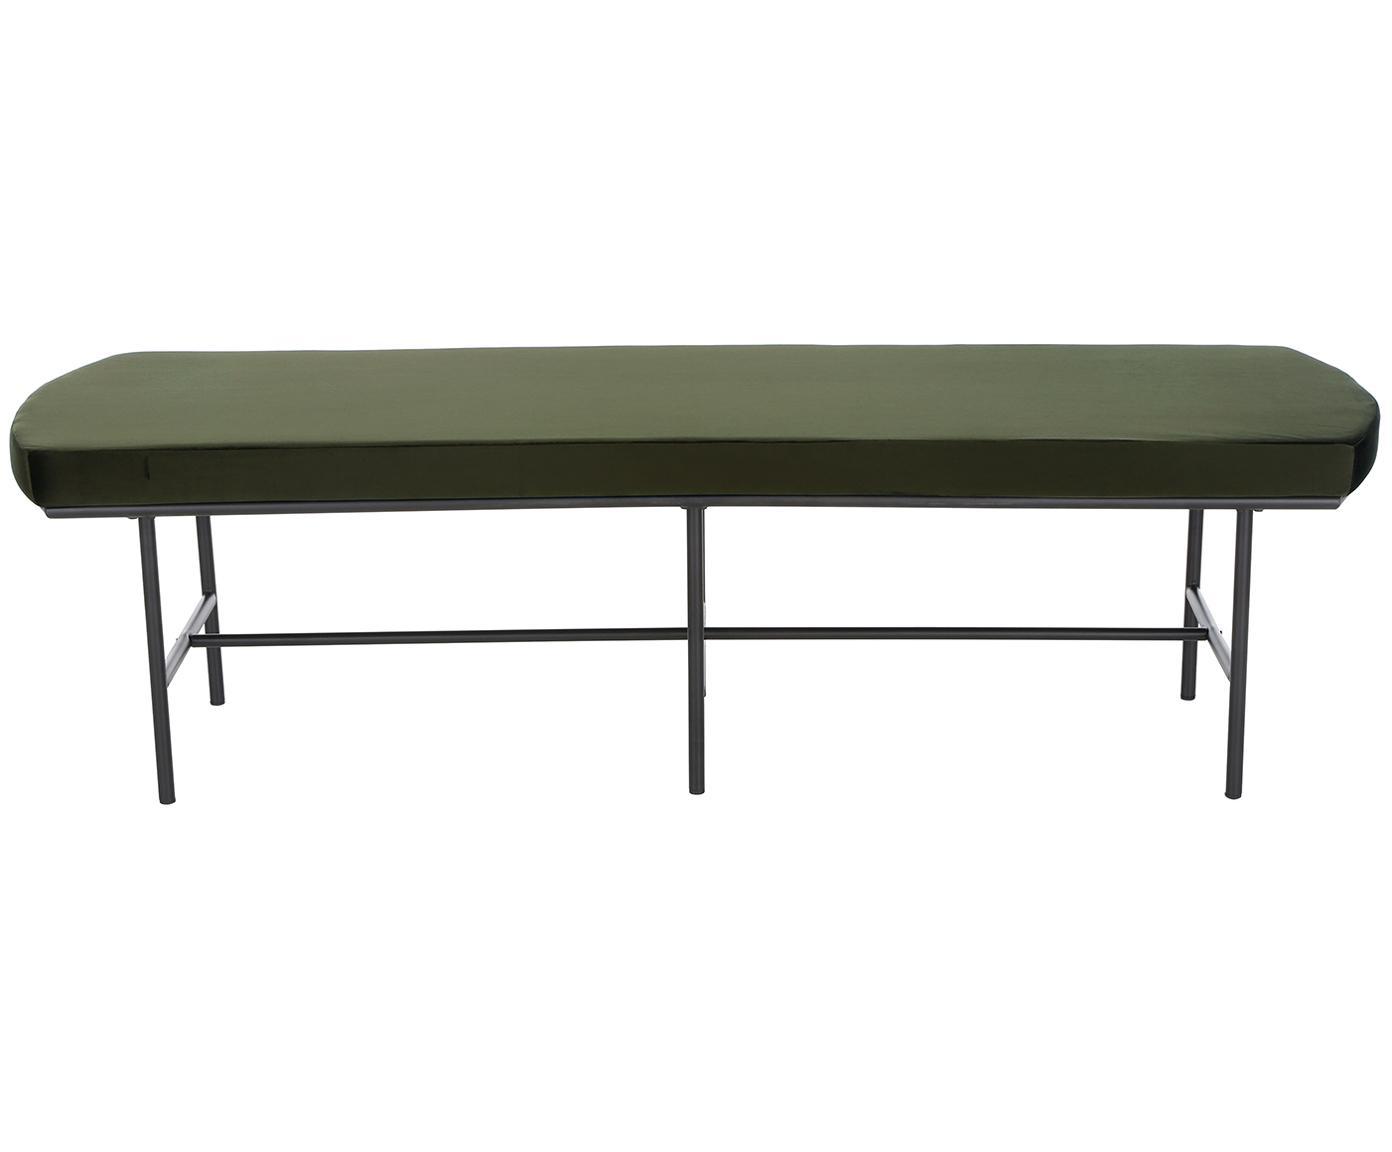 Panca in velluto Jasper, Rivestimento: velluto (poliestere) 20.0, Gambe: metallo verniciato a polv, Verde scuro, Larg. 160 x Alt. 45 cm